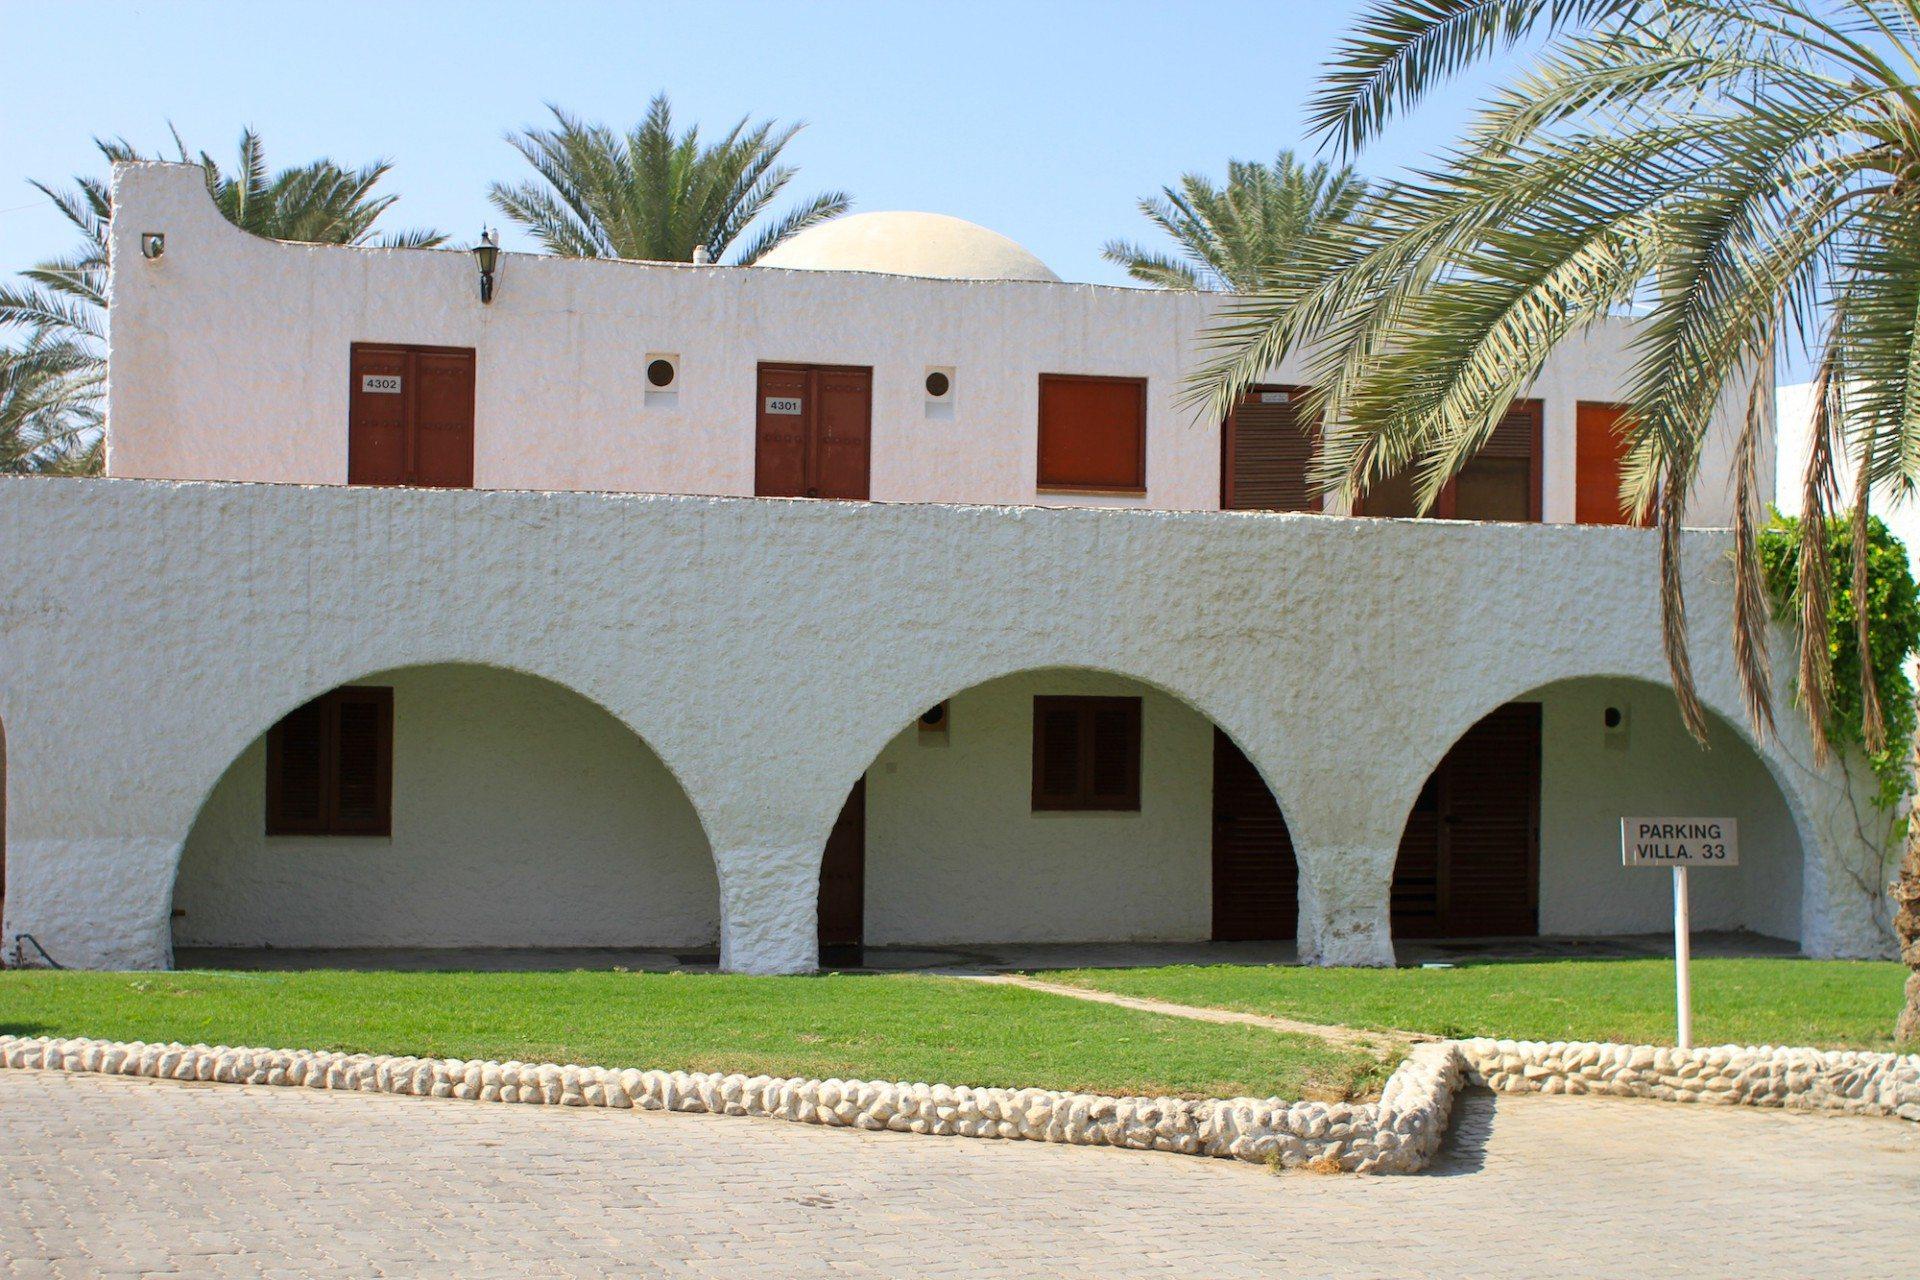 Verschmelzung. Die Verbindung aus traditioneller Formsprache mit Resortarchitektur im Marbella Resort, Sharjah.